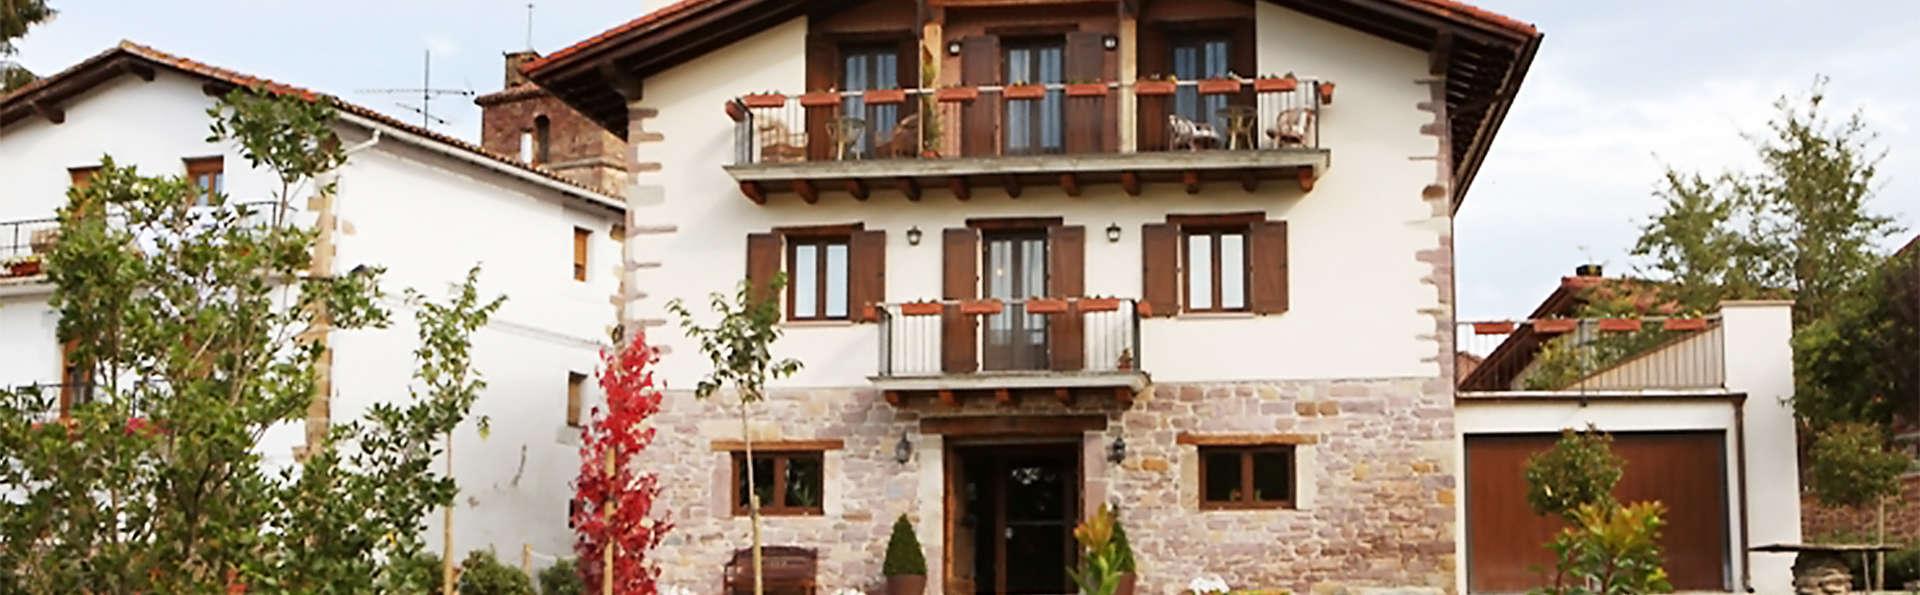 Hôtel Iribarnia, The Originals Relais (Relais du Silence) - EDIT_front1.jpg